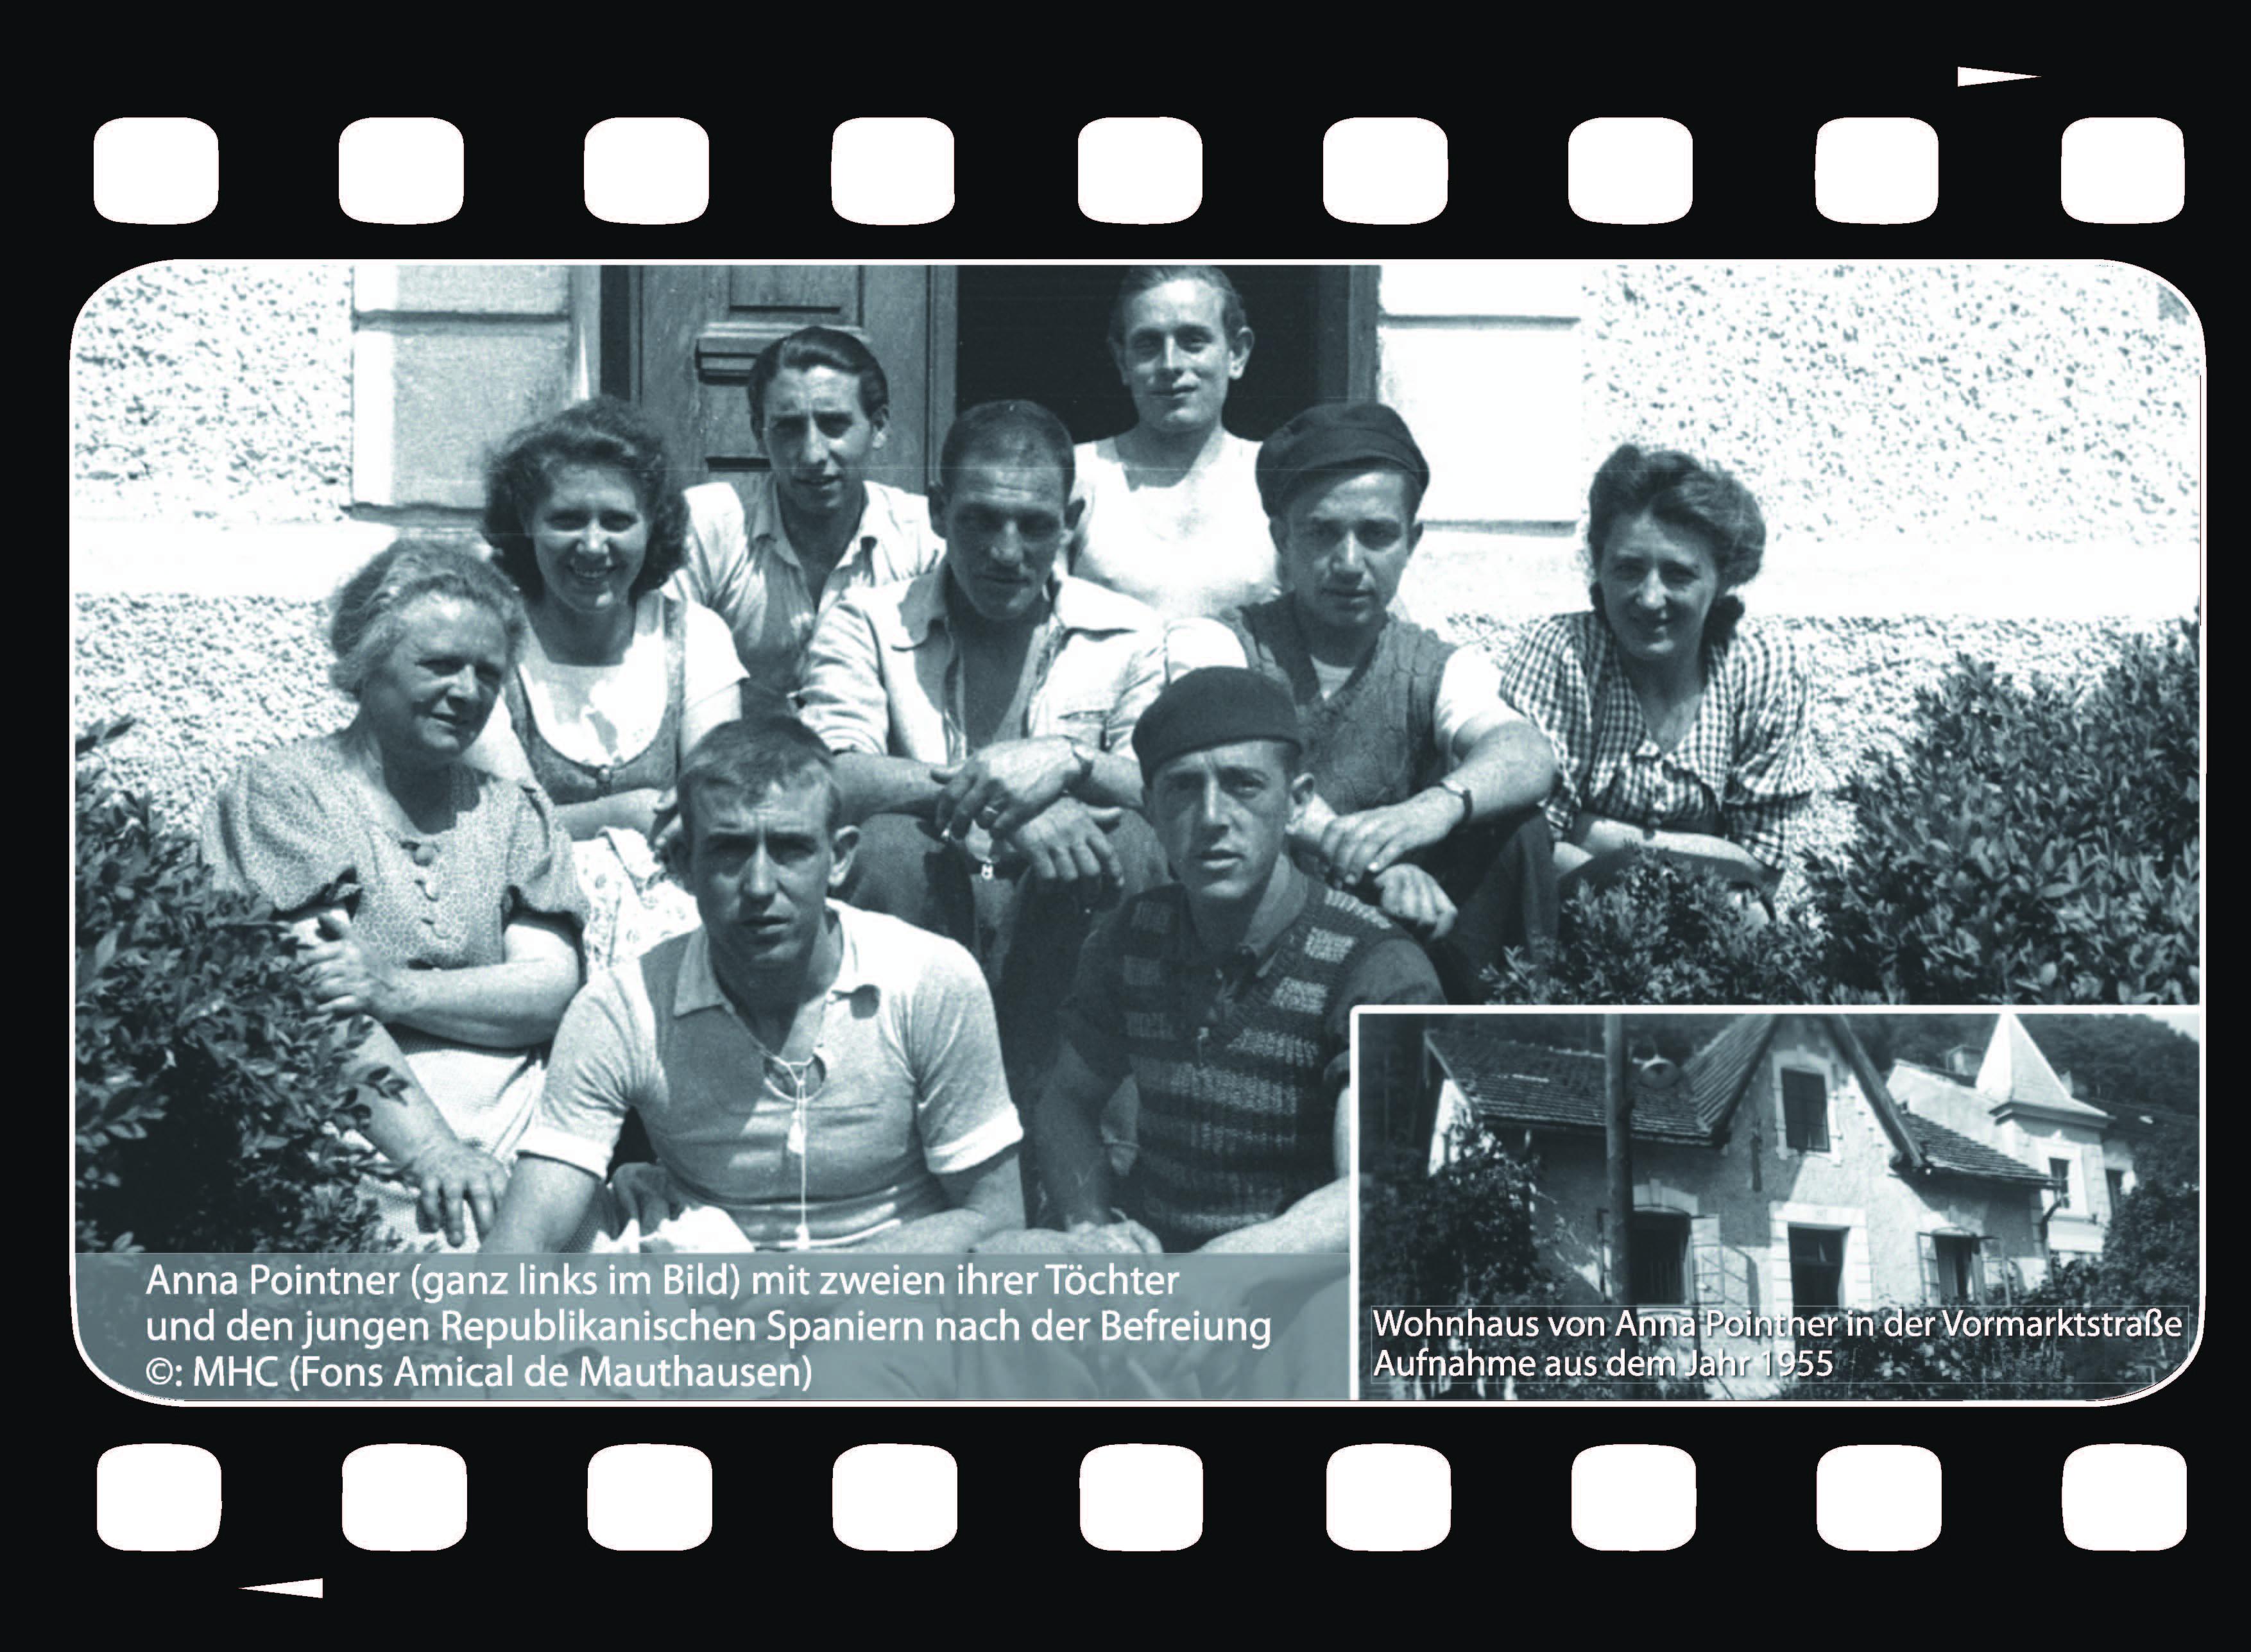 Anna Pointner (ganz links im Bild) mit zweien ihrer Töchter und den jungen Republikanischen Spaniern nach der Befreiung